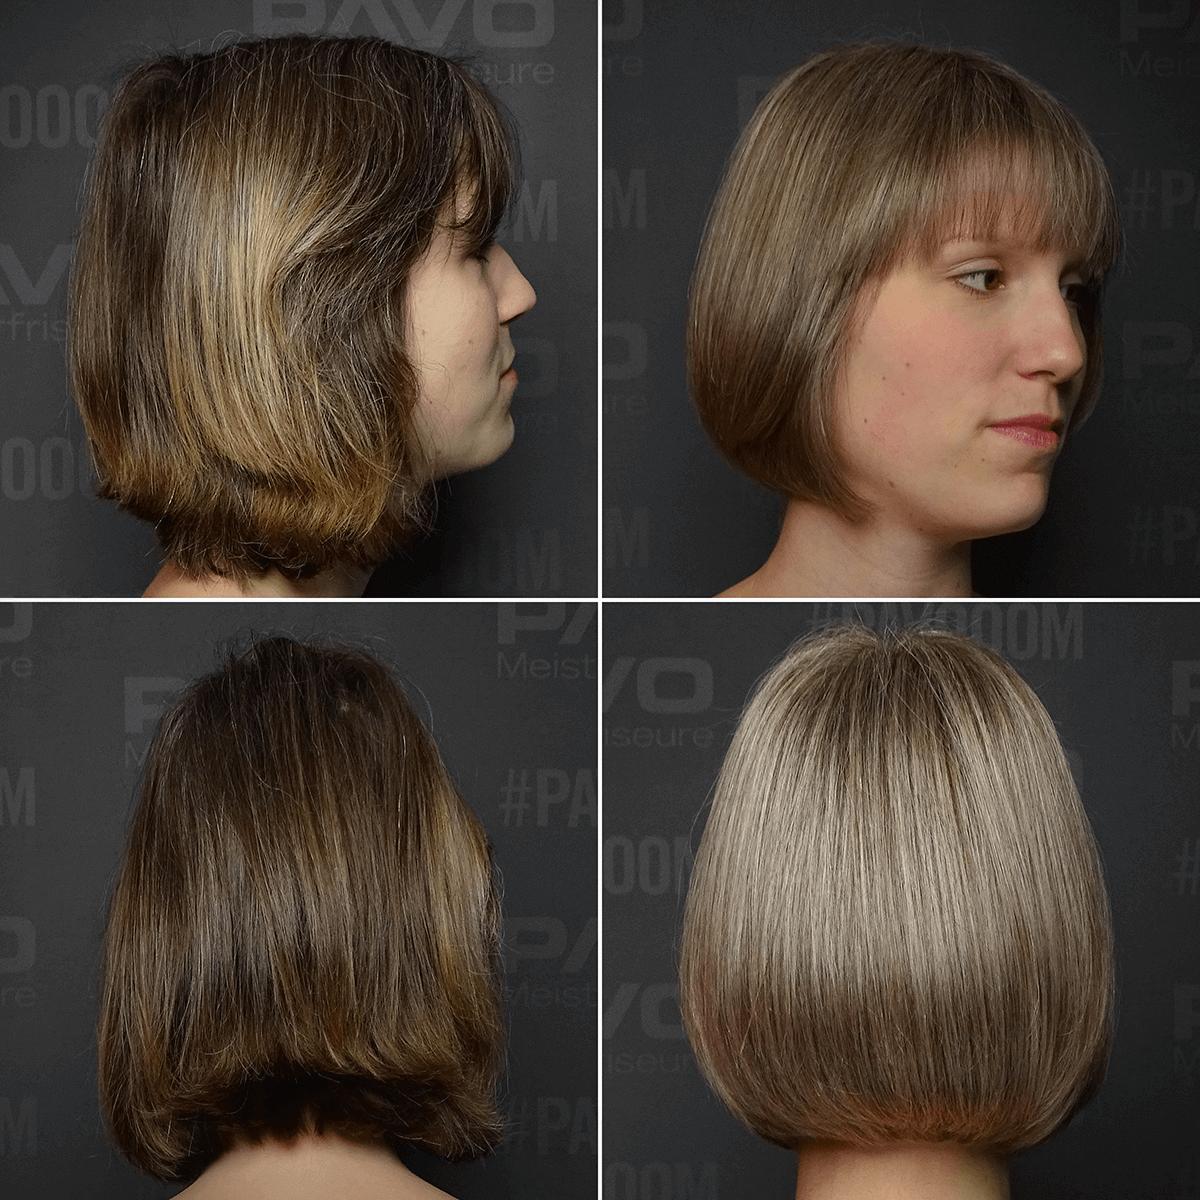 Guter Friseur In Essen Pavo Friseure Graue Haare Gekonnt